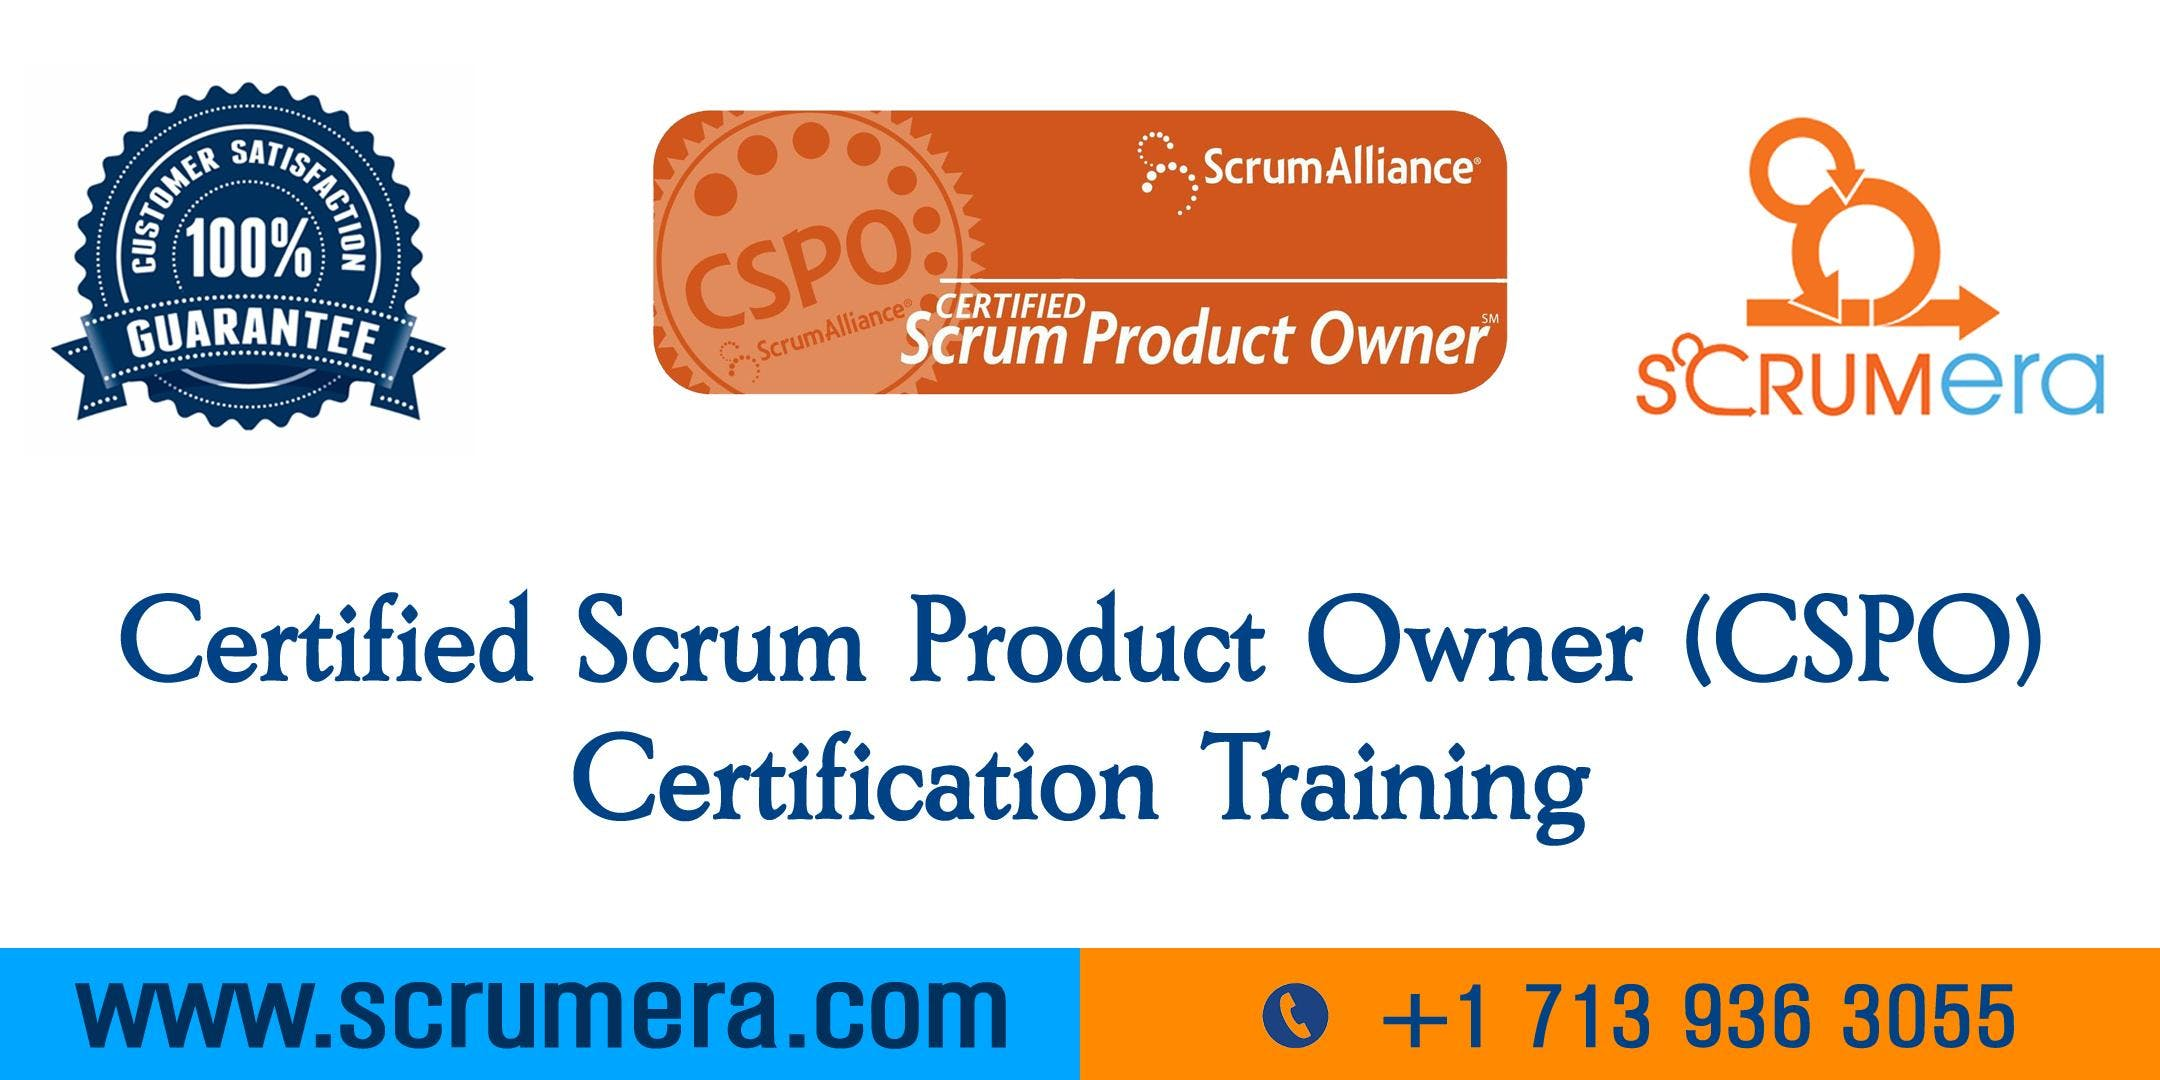 Certified Scrum Product Owner (CSPO) Certification | CSPO Training | CSPO Certification Workshop | Certified Scrum Product Owner (CSPO) Training in Glendale, CA | ScrumERA